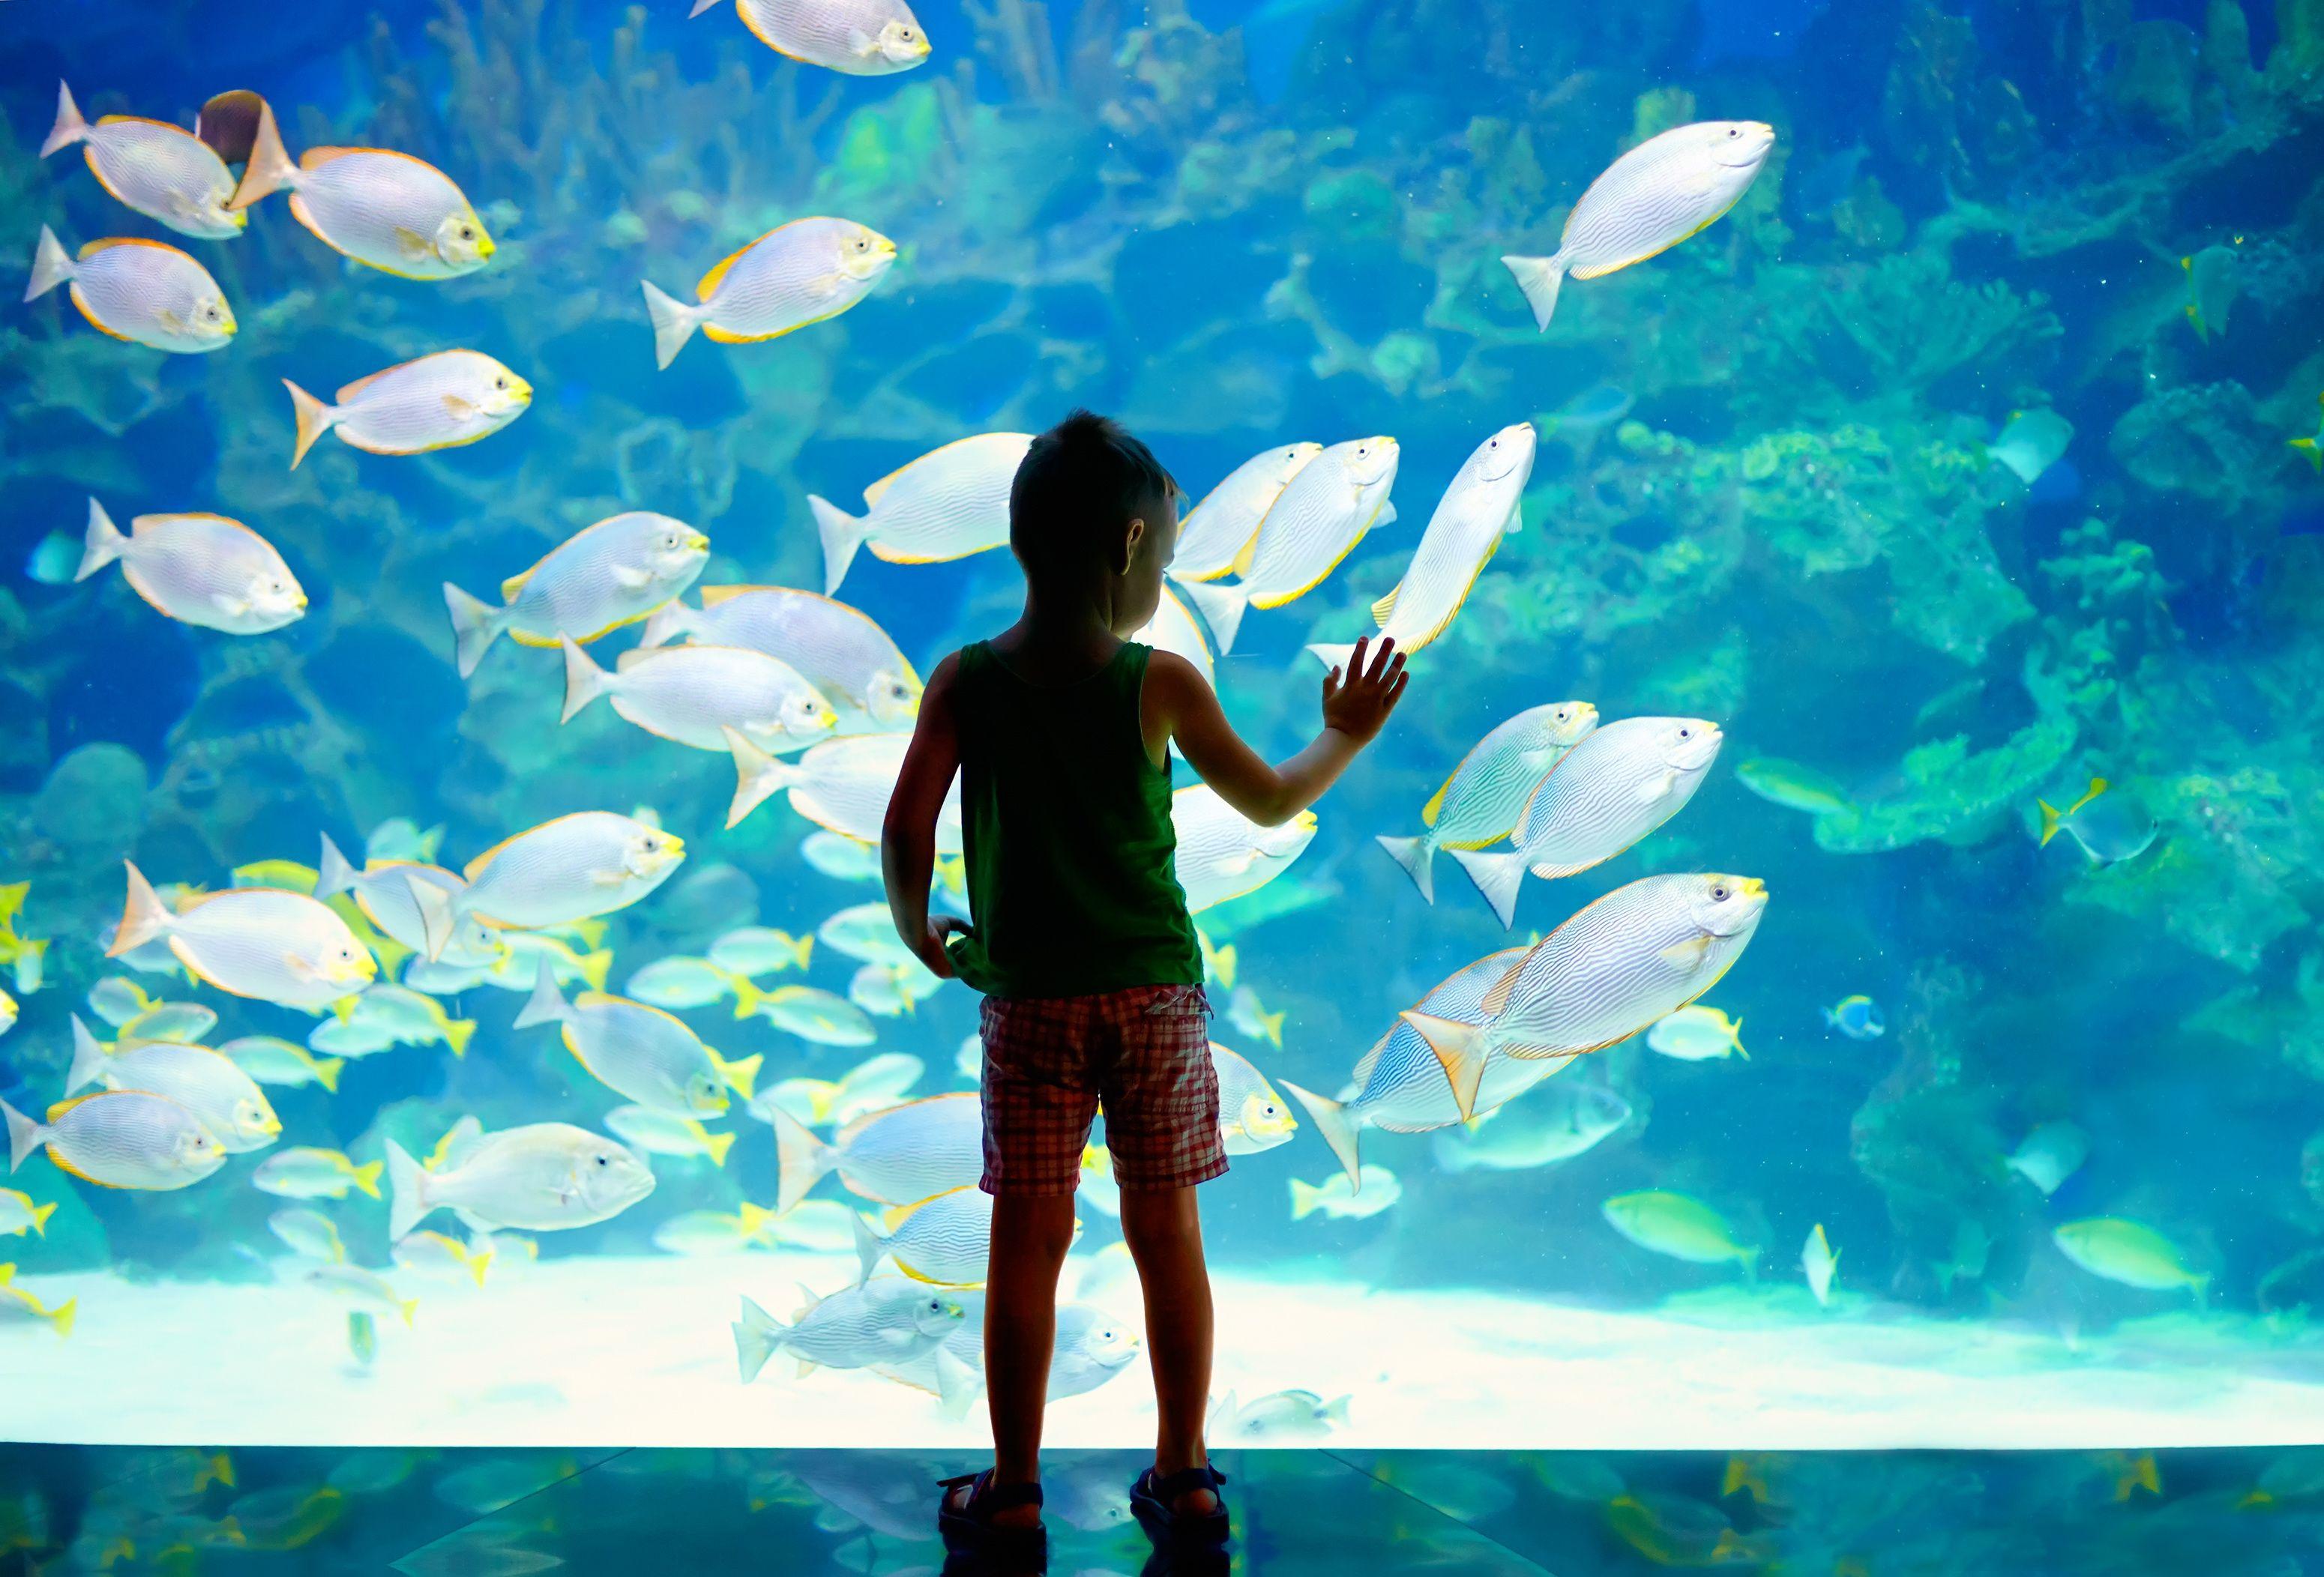 Child exploring at the Aquarium in Monaco